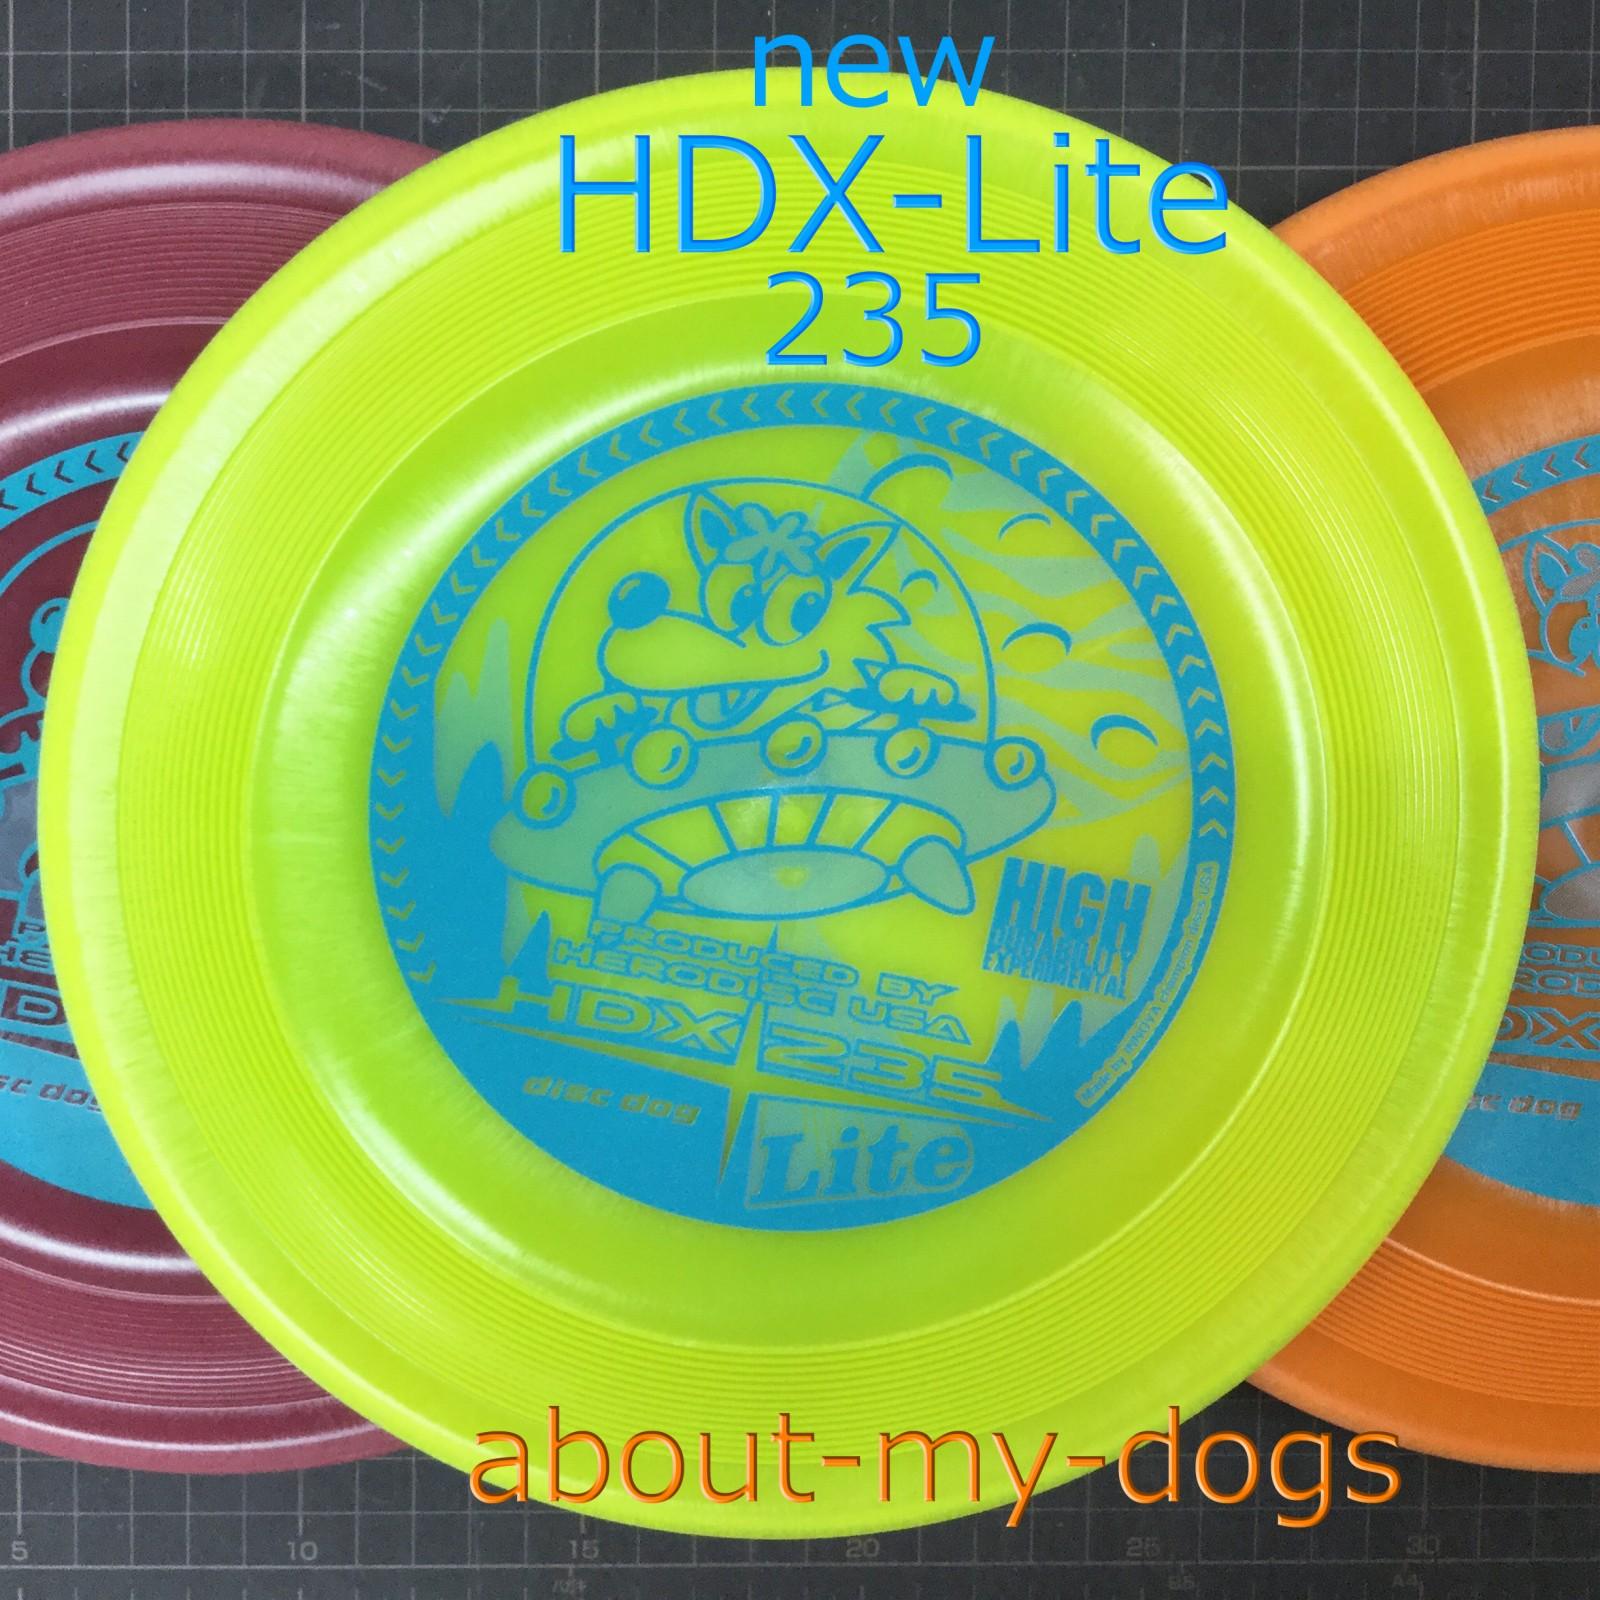 HDX-Lite